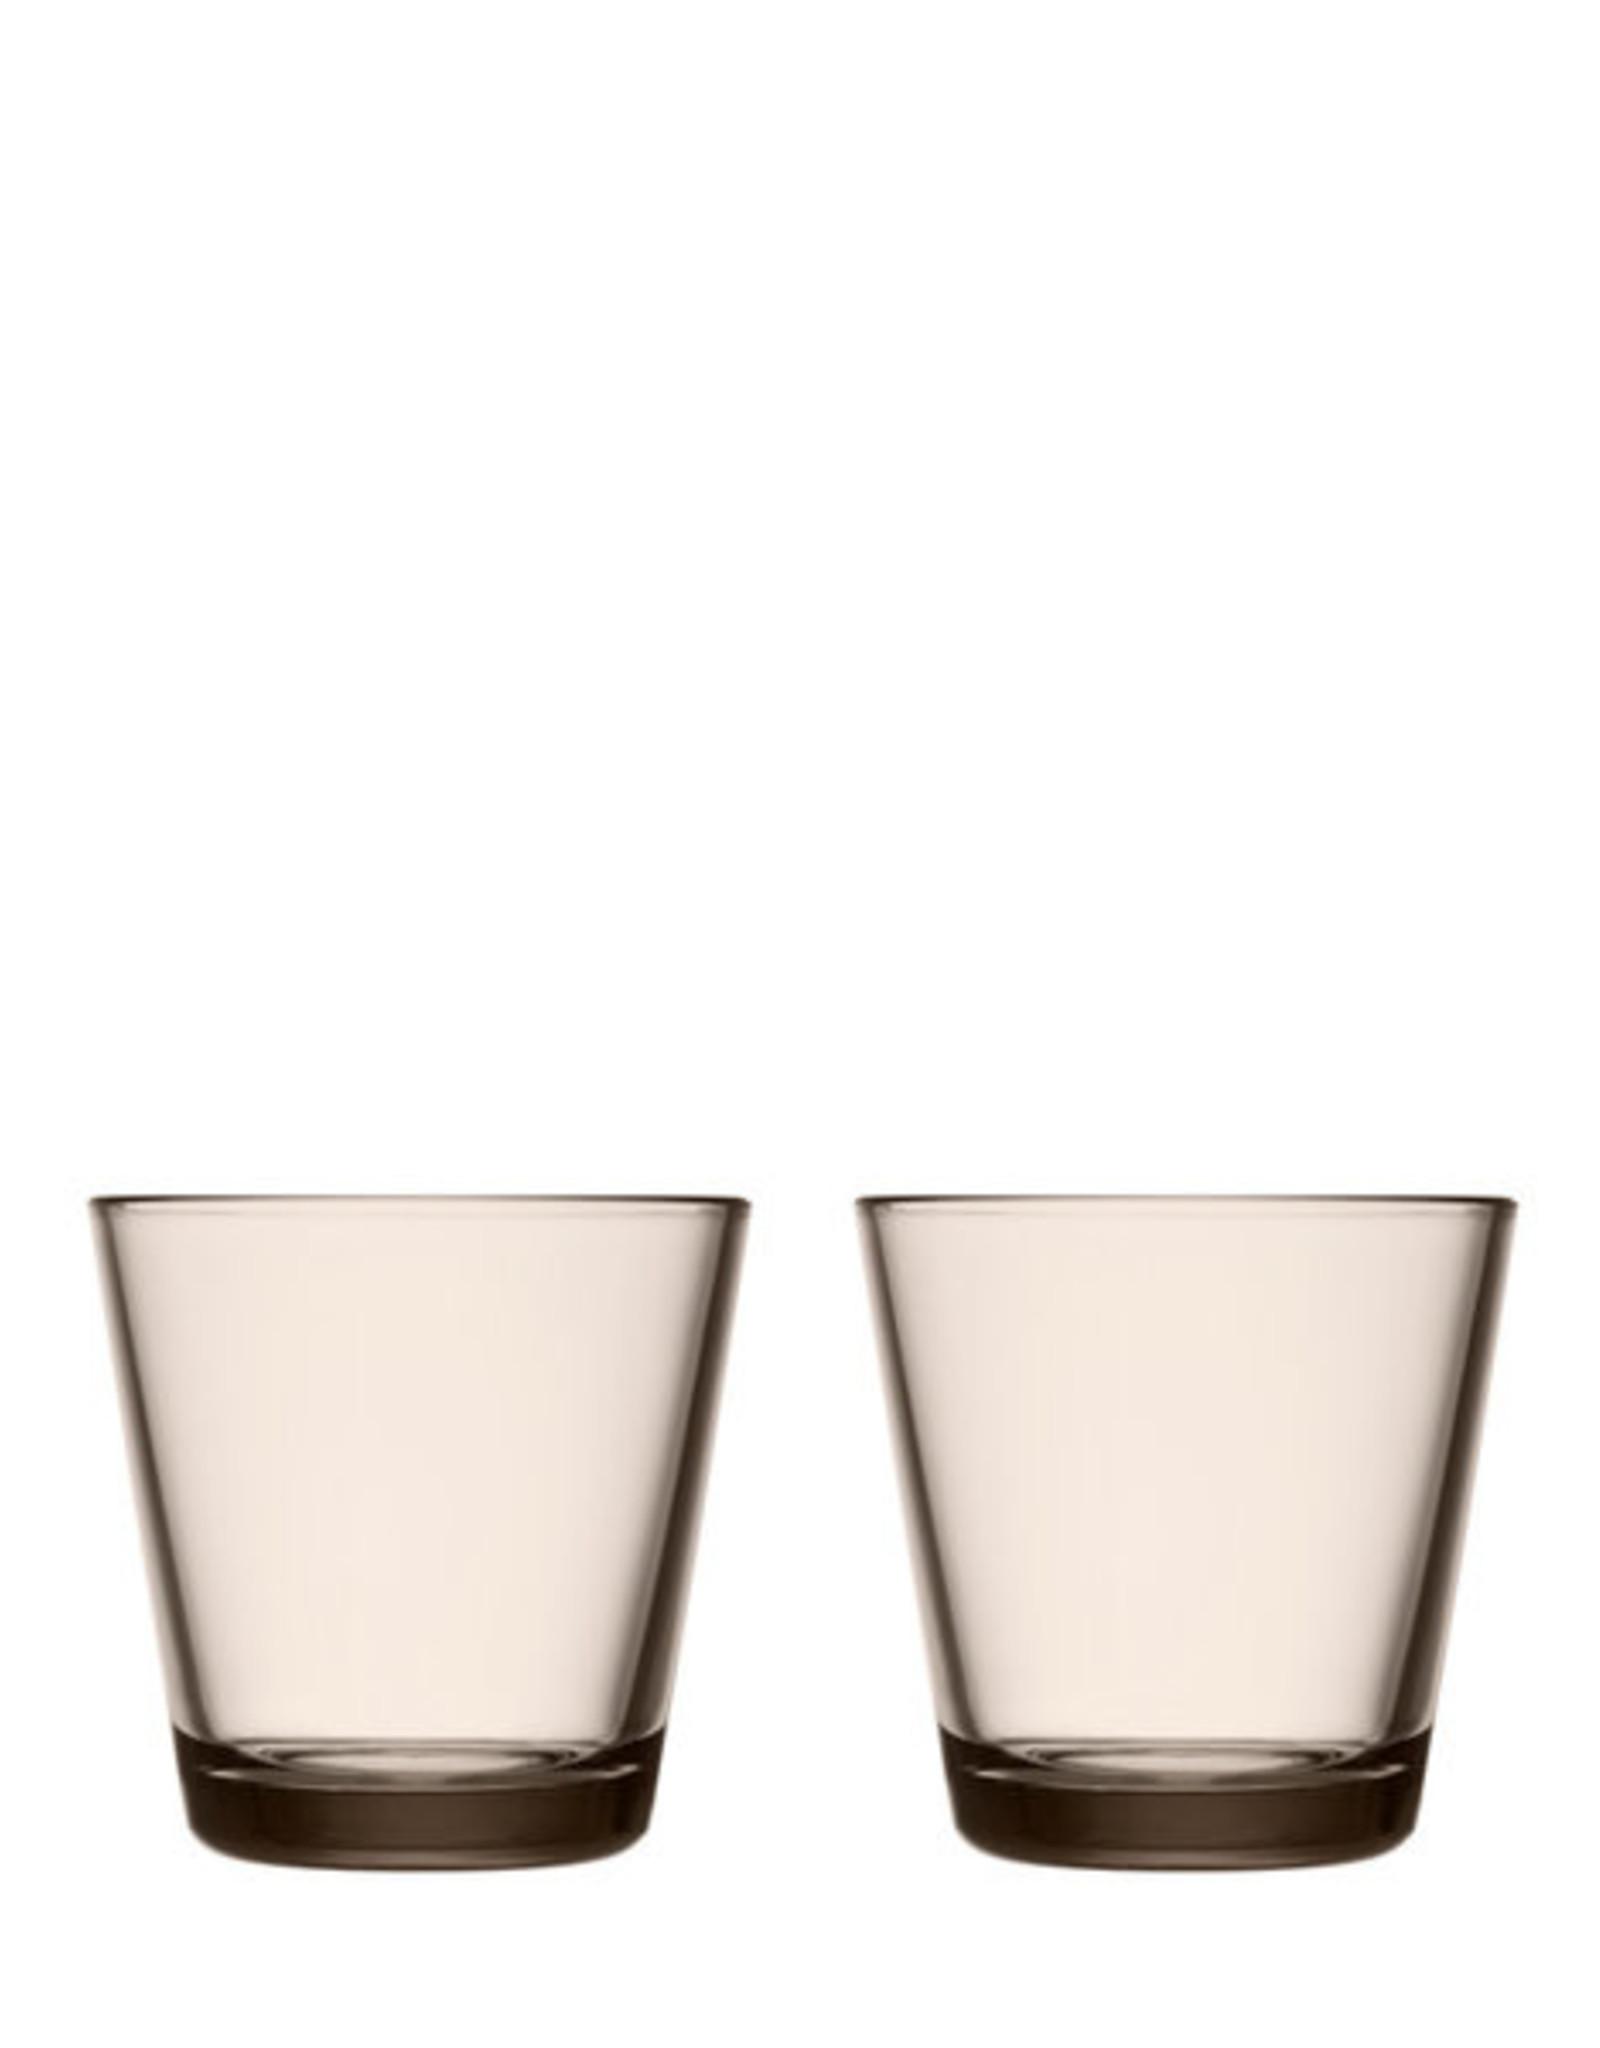 Iittala Iittala Kartio Glas - 21 cl - Linnen - 2 stuks